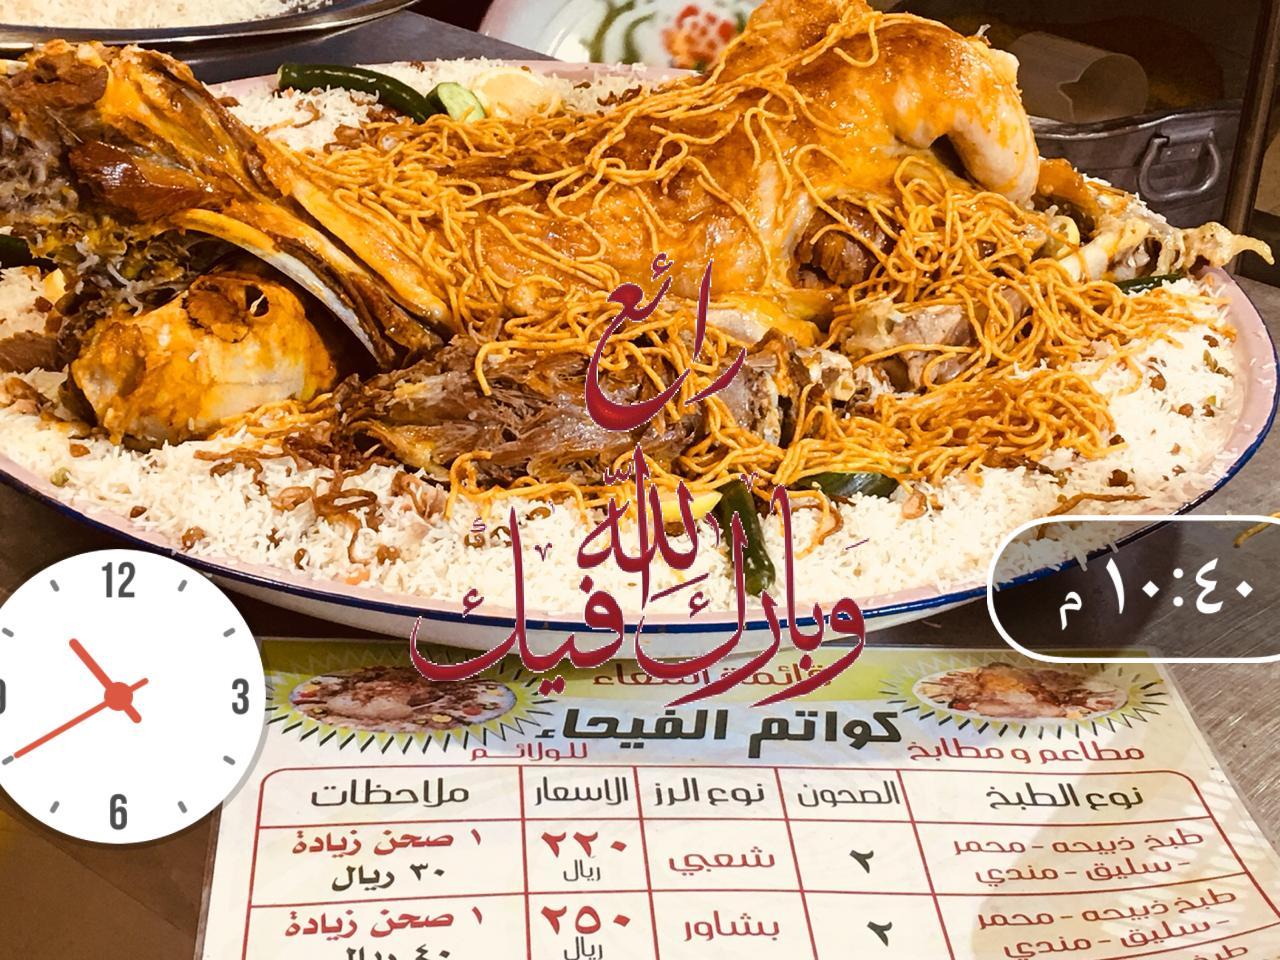 مطاعم كواتم مندي الحاتم ولائم حفلات وجبات عقود مع الشركات المجمعات الجبيل 0133489999